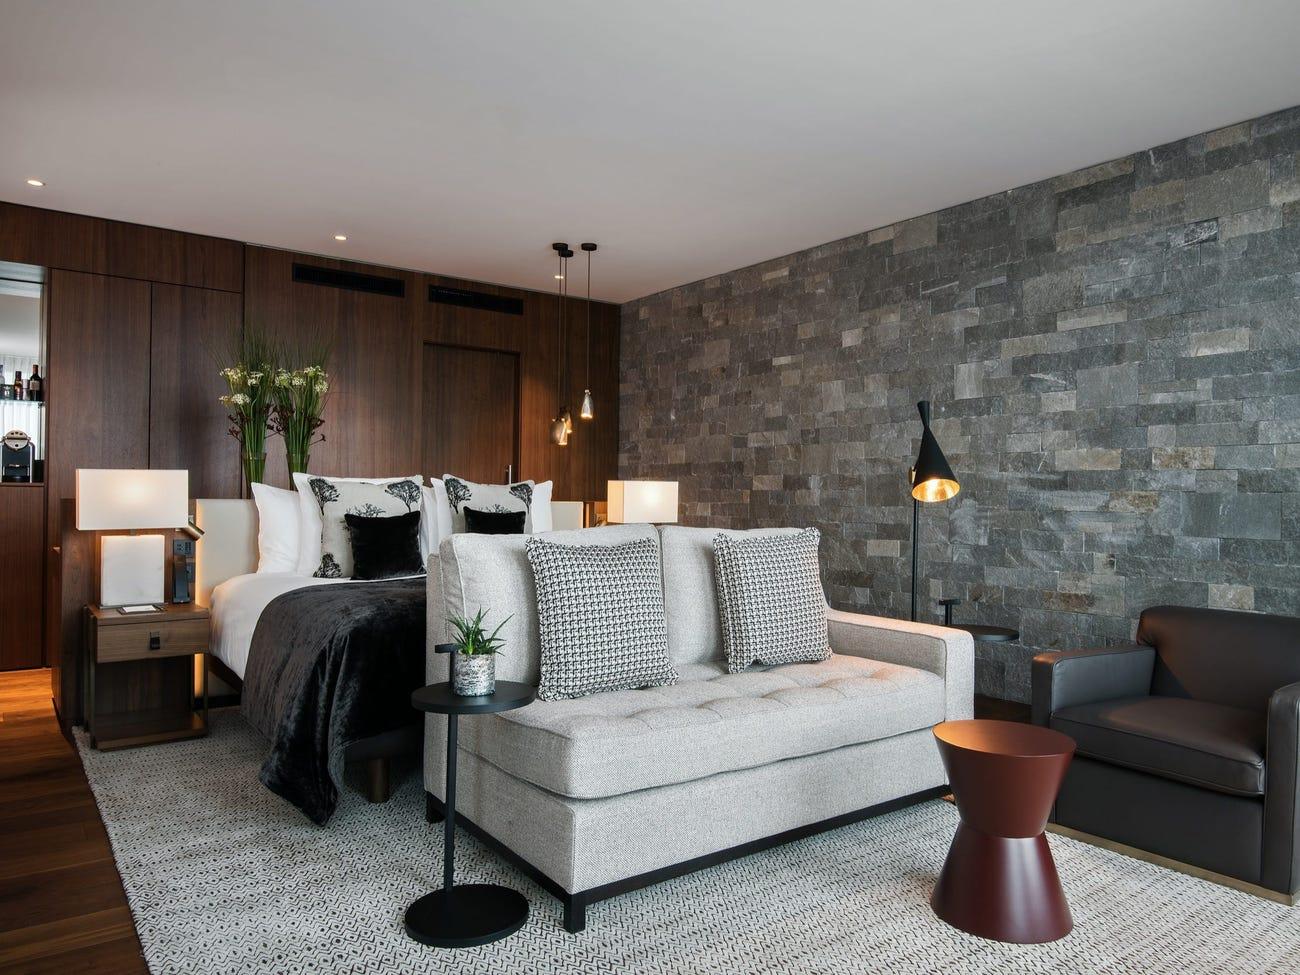 Gia đình Ambani đã thuê hai loại phòng, bao gồm suite tổng thống có giá từ 28.000 USD/đêm và suite hoàng gia có giá từ 46.000 USD/đêm, có nghĩa là gia đình này đã chi trả ít nhất 74.000 USD cho mỗi đêm nghỉ dưỡng tại resort cao cấp này. Suite tổng thống được thiết kế nhã nhặn, sang trọng, có bể sục, vòi sen, phòng xông hơi khô và phòng massage liền kề. Ảnh: Bürgenstock Hotels AG